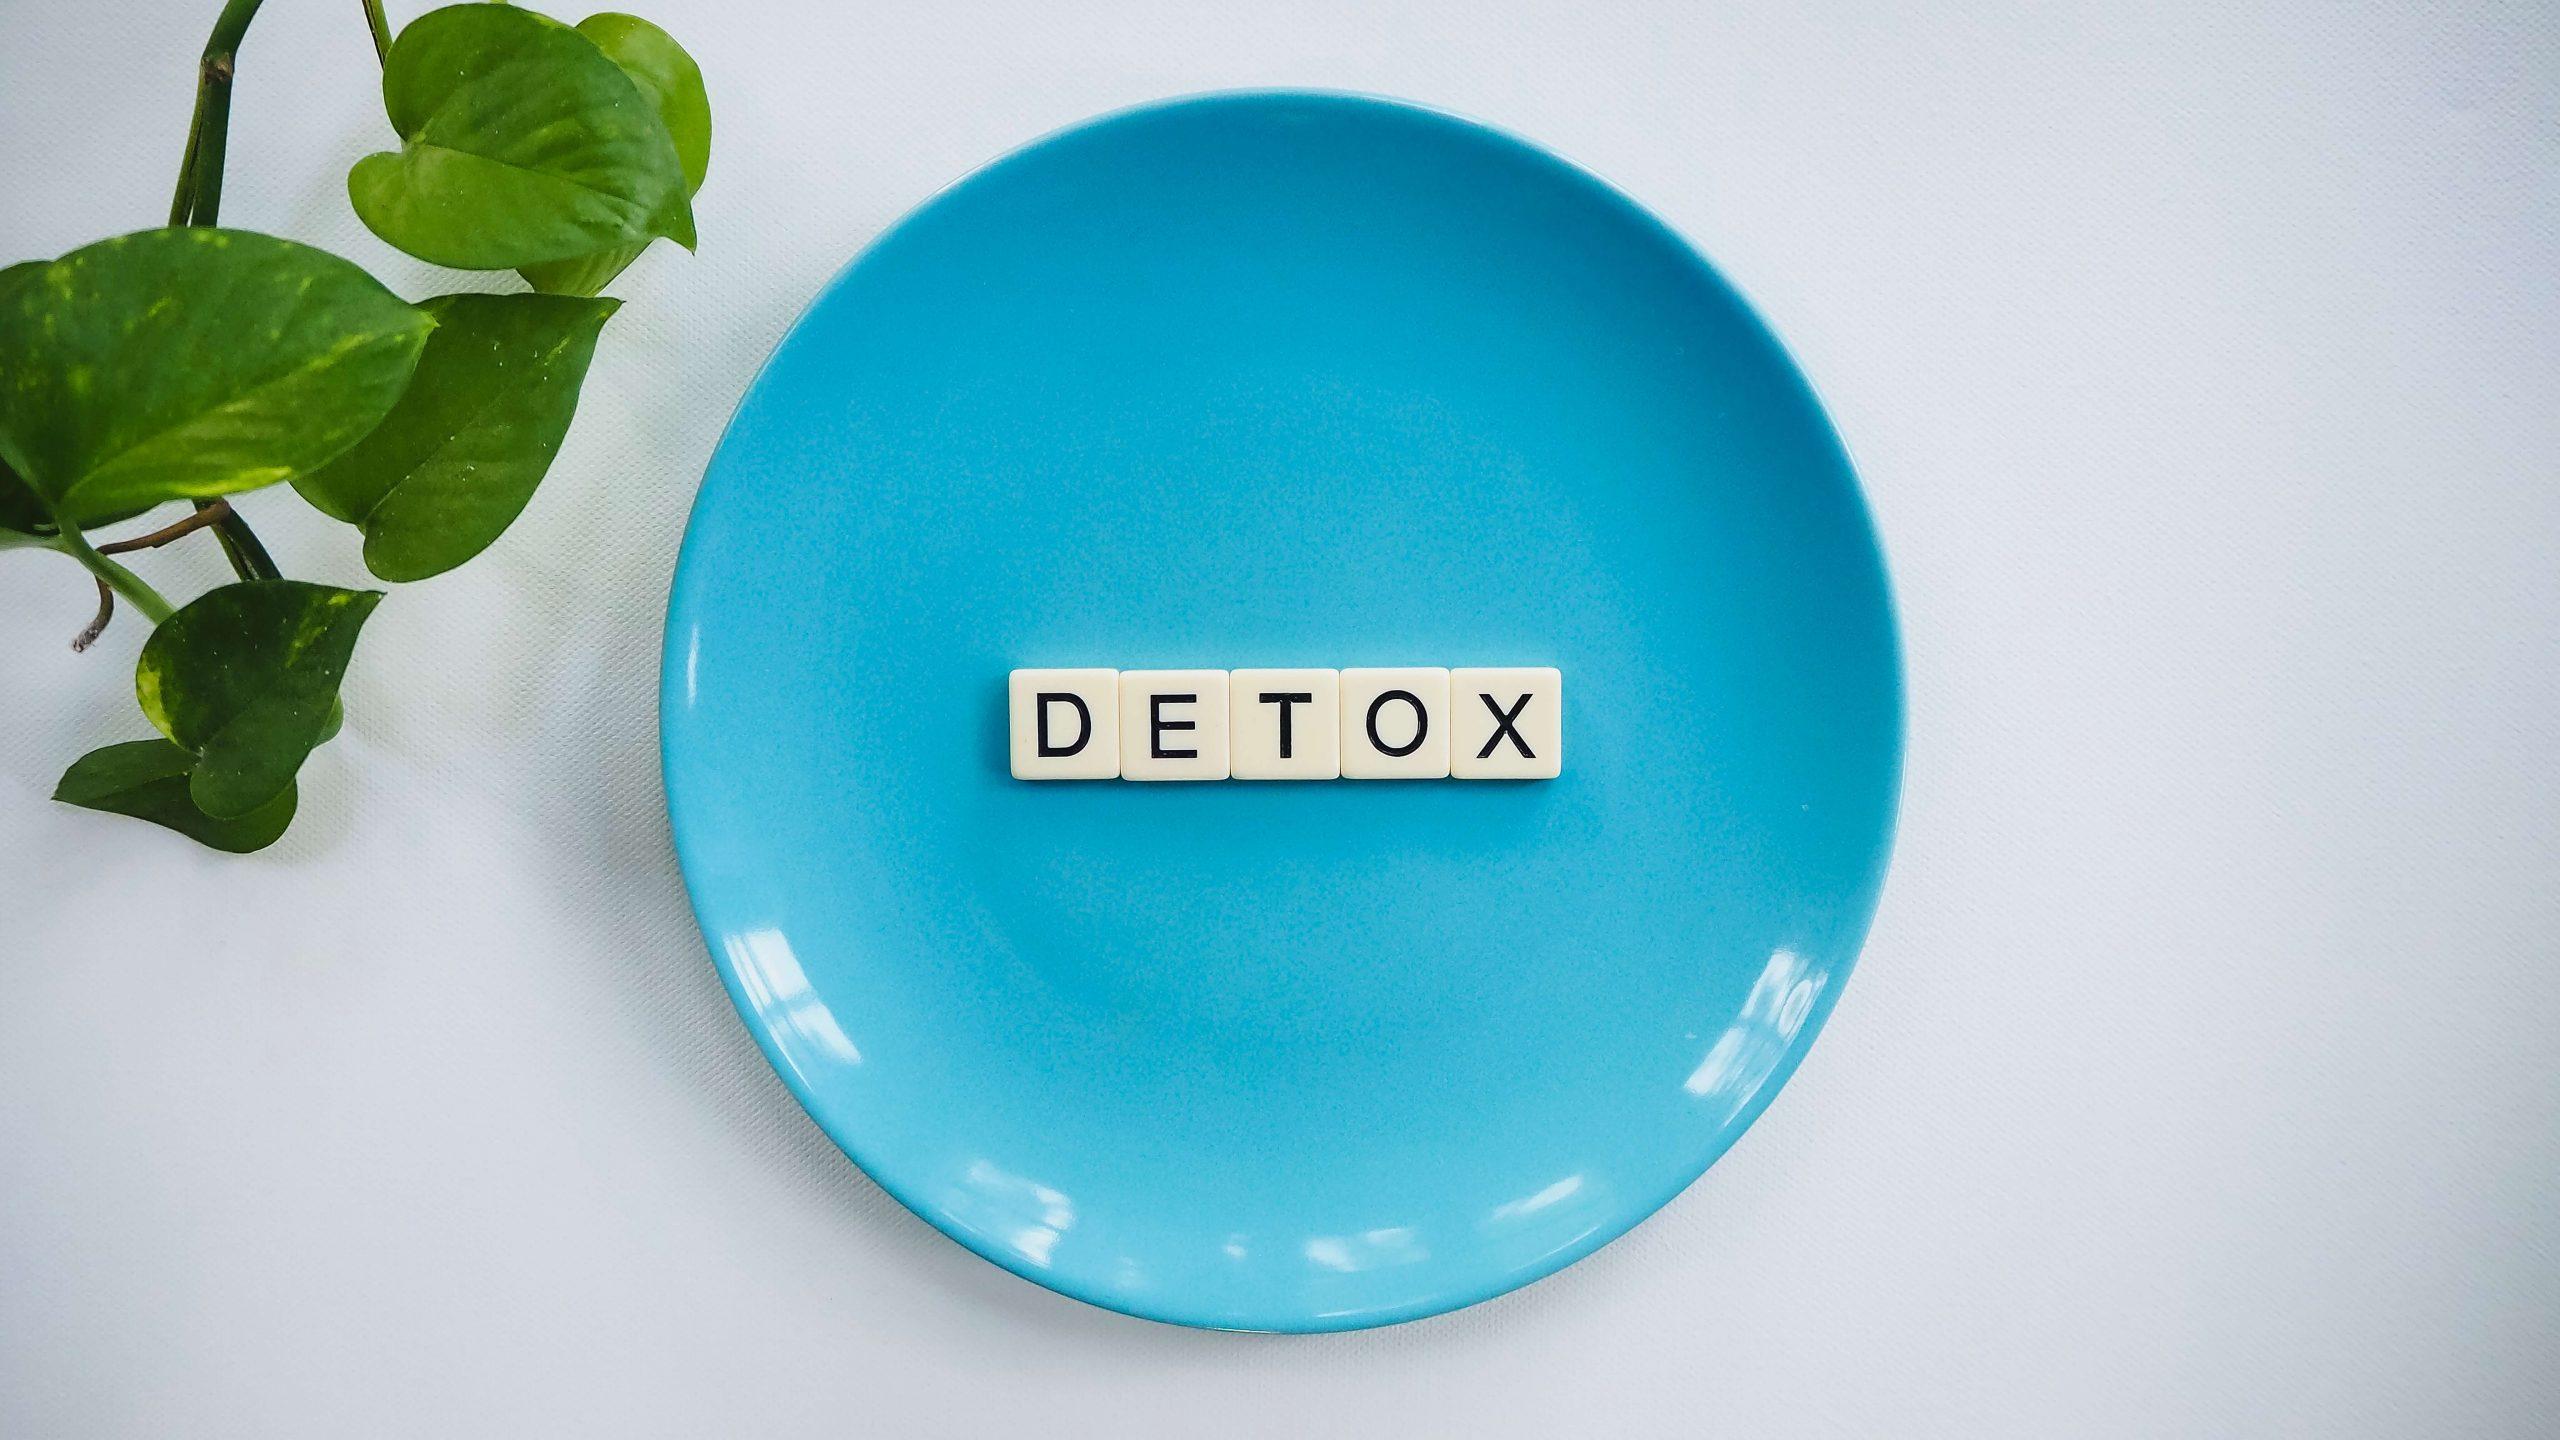 Dieta detox per disintossicare l'organismo in 7 giorni